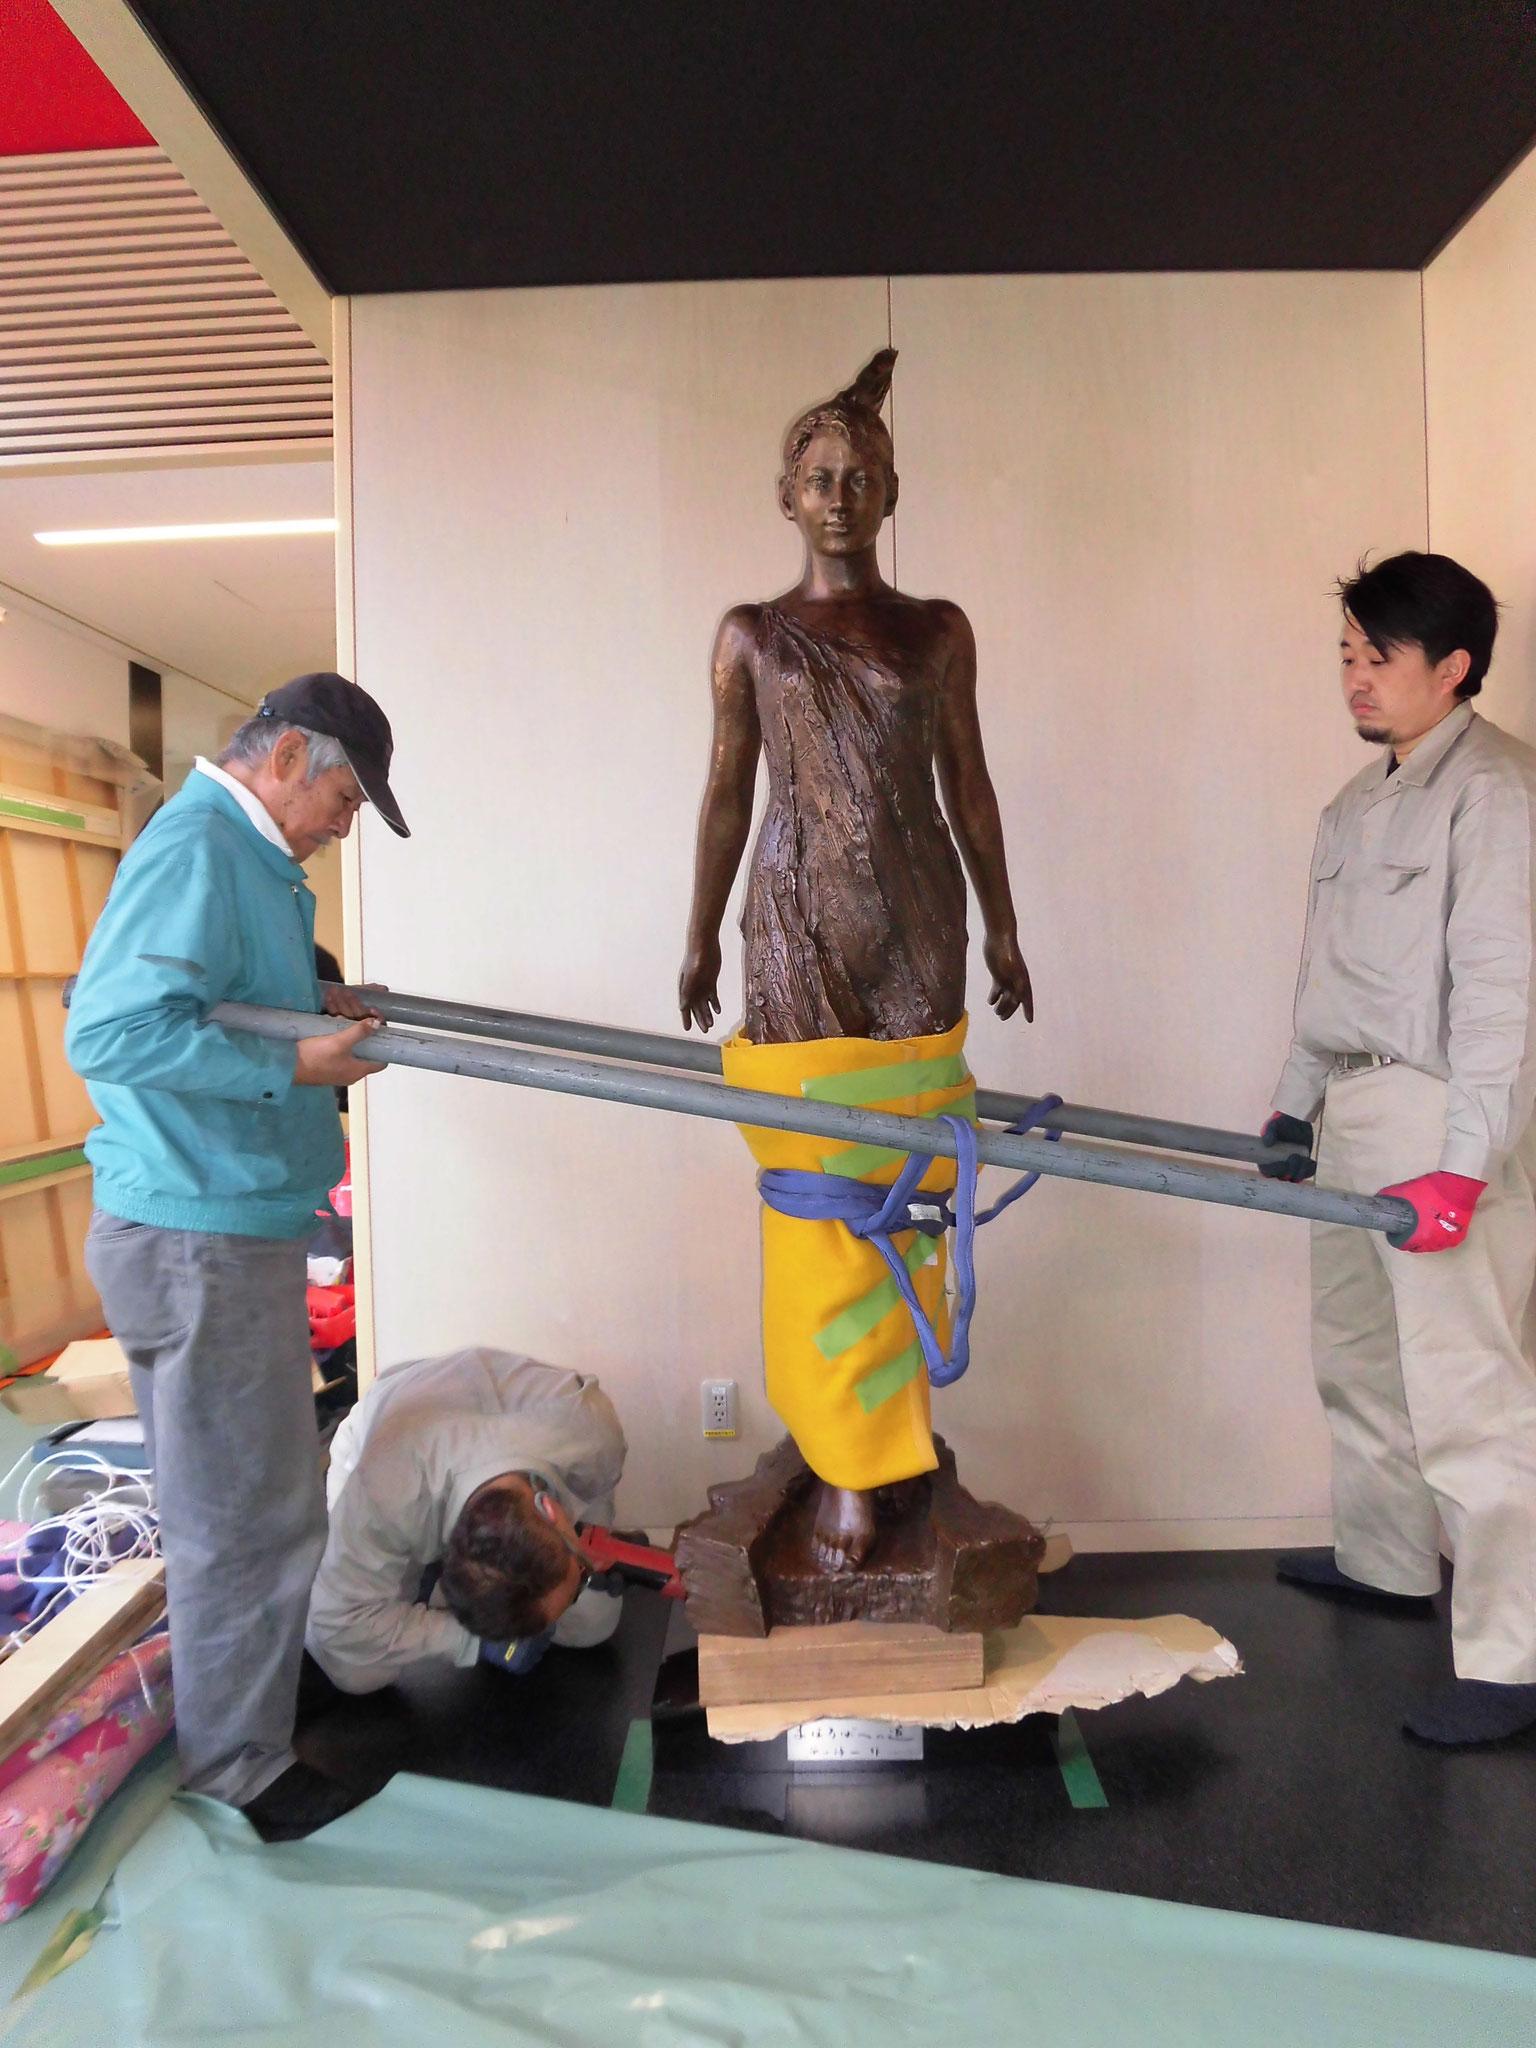 室内の作業なので、重機は使えず全て人力にてブロンズ像が設置される。